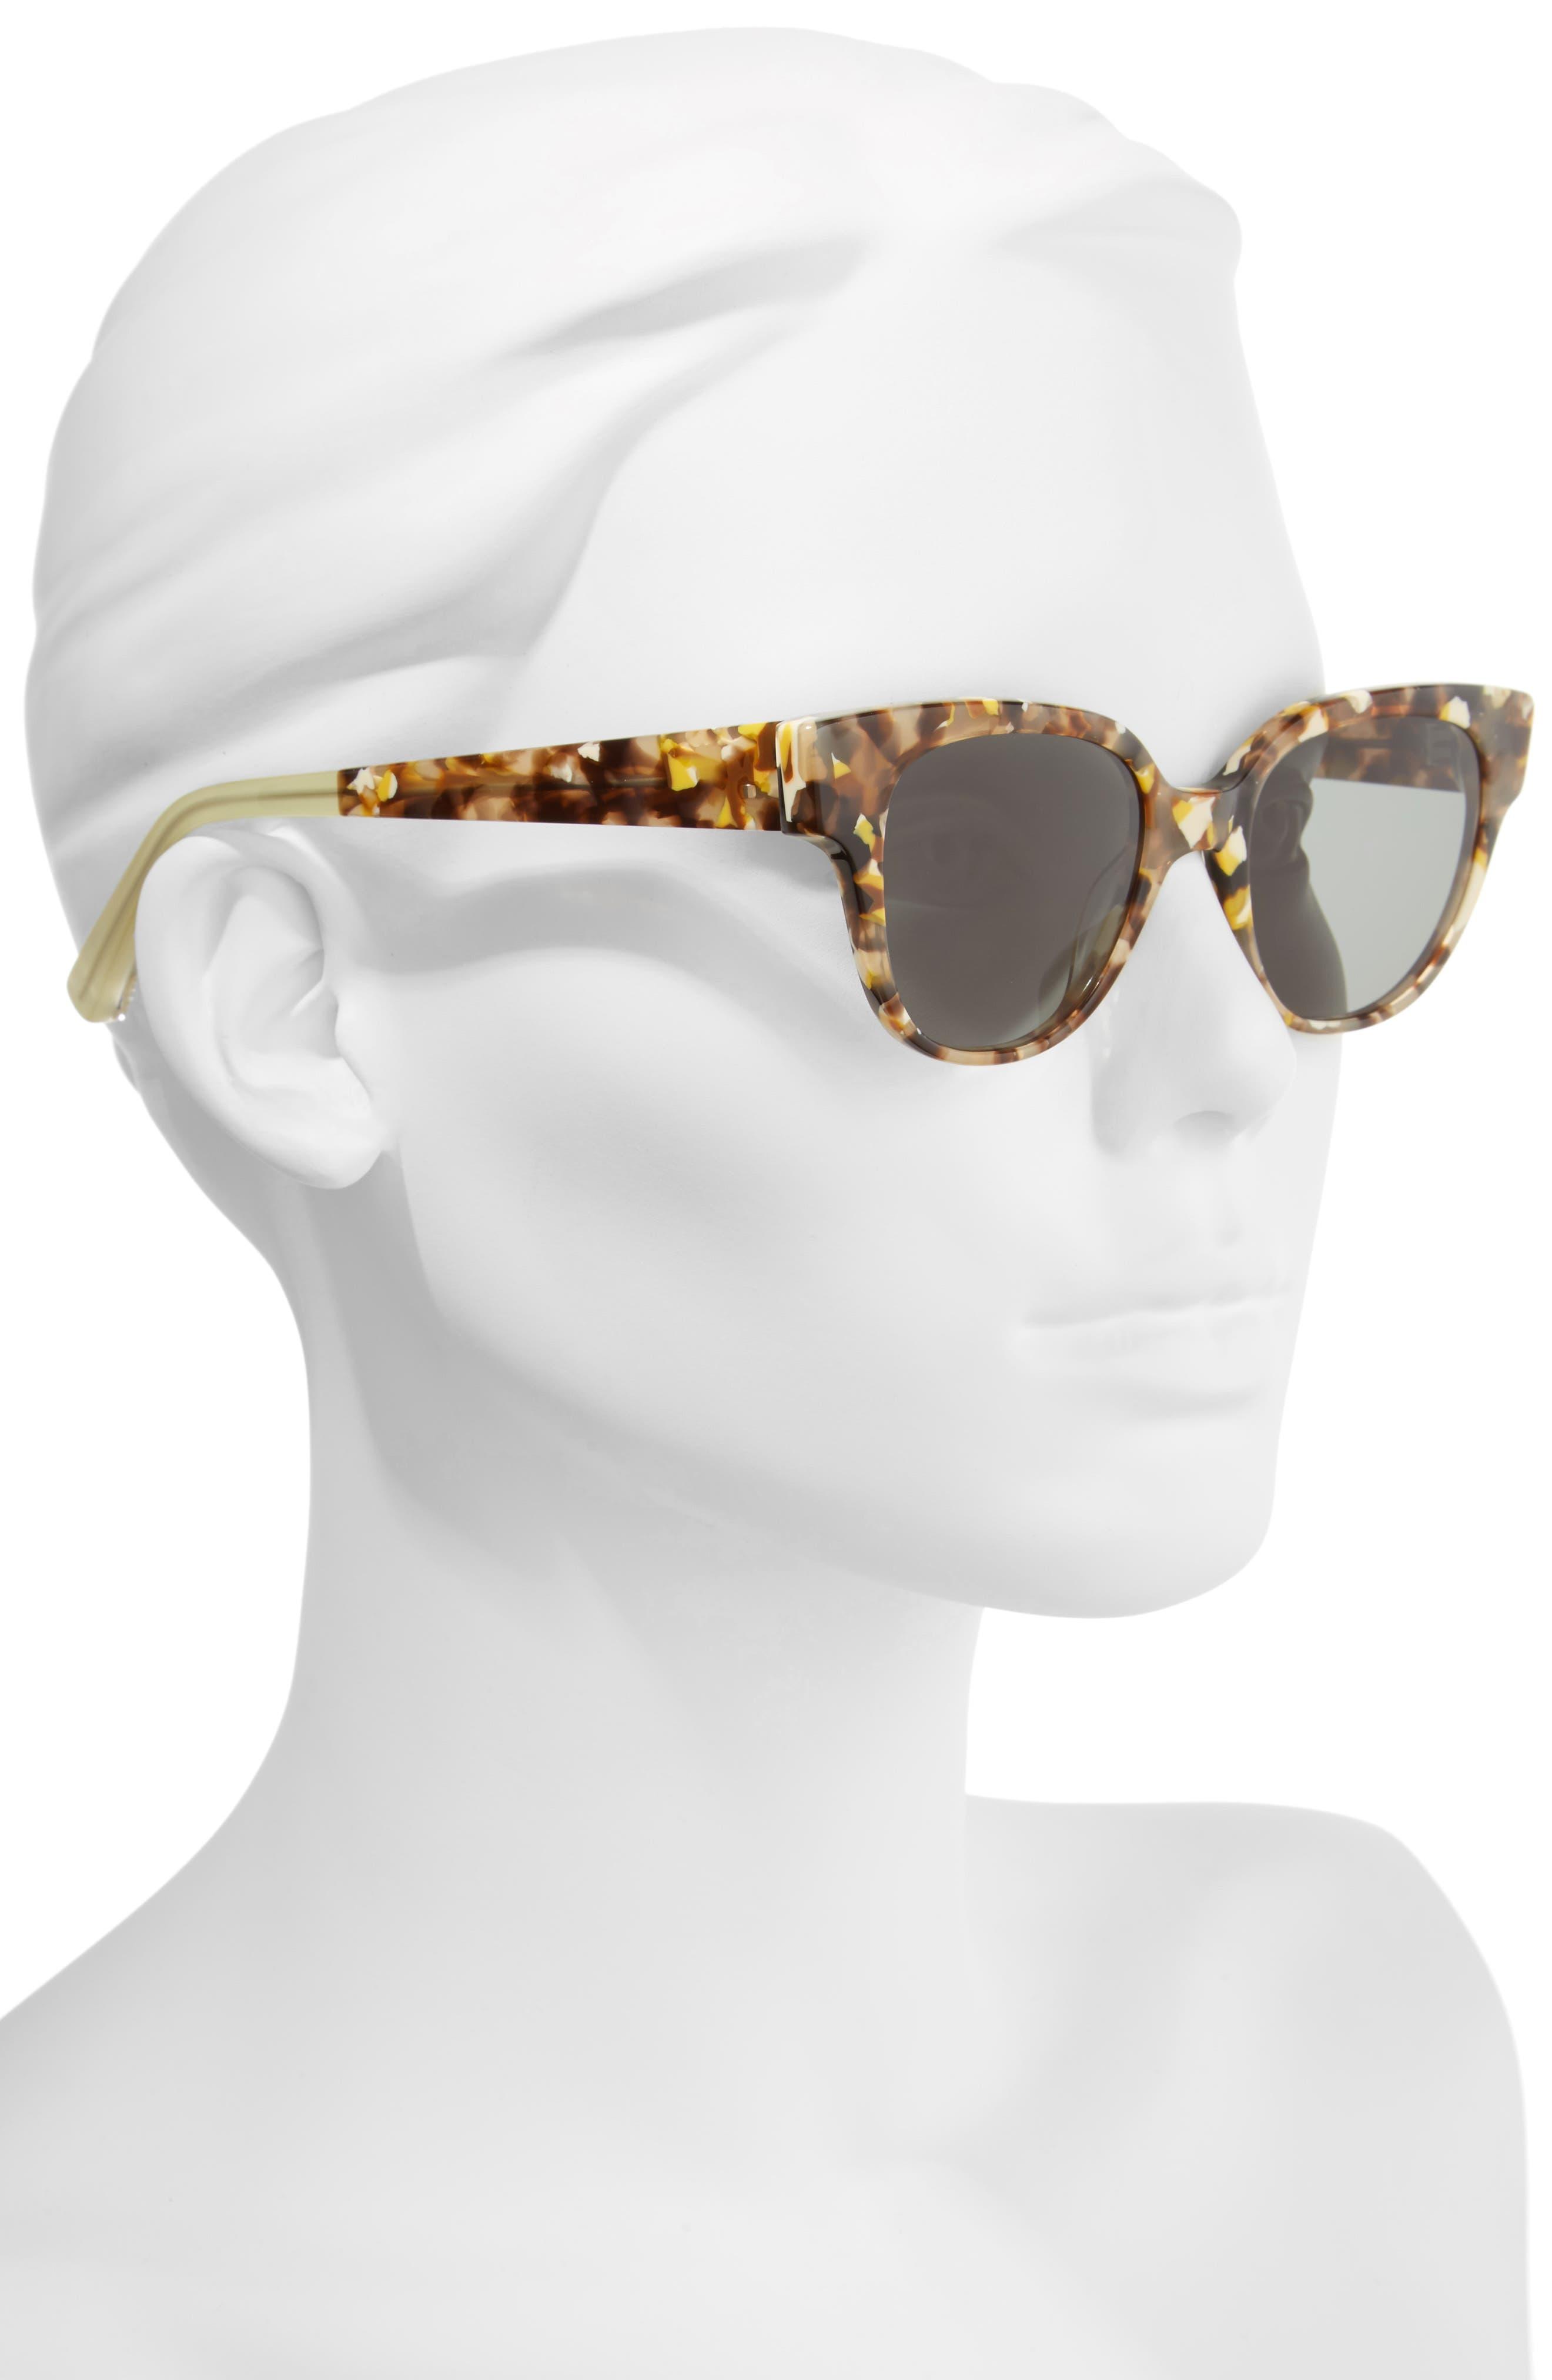 Avory 49mm Cat Eye Sunglasses,                             Alternate thumbnail 2, color,                             Amber/ Green